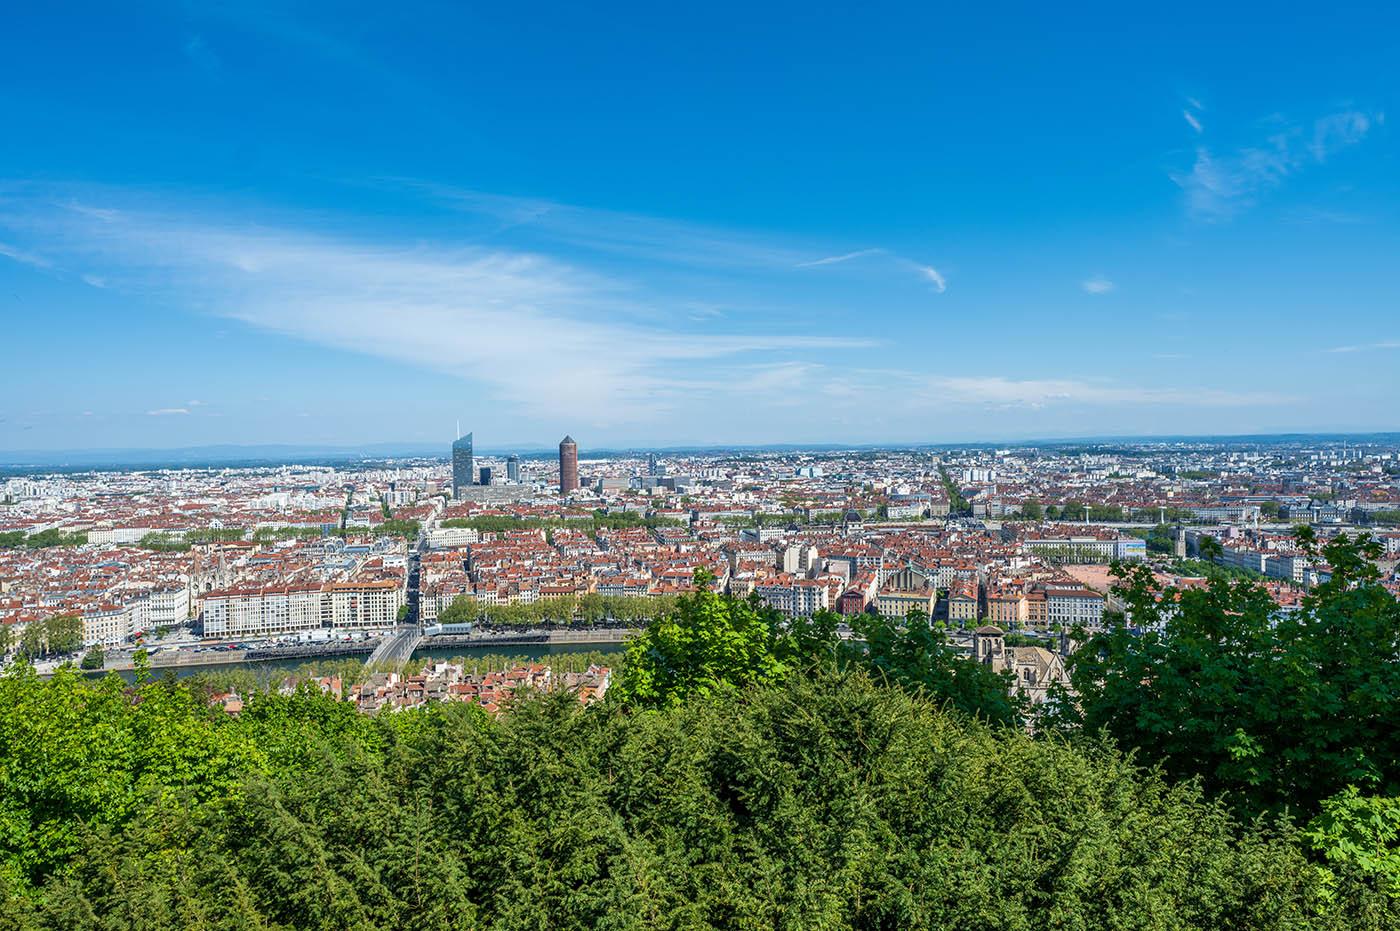 vue sur skyline de Lyon Bellecour et les Alpes